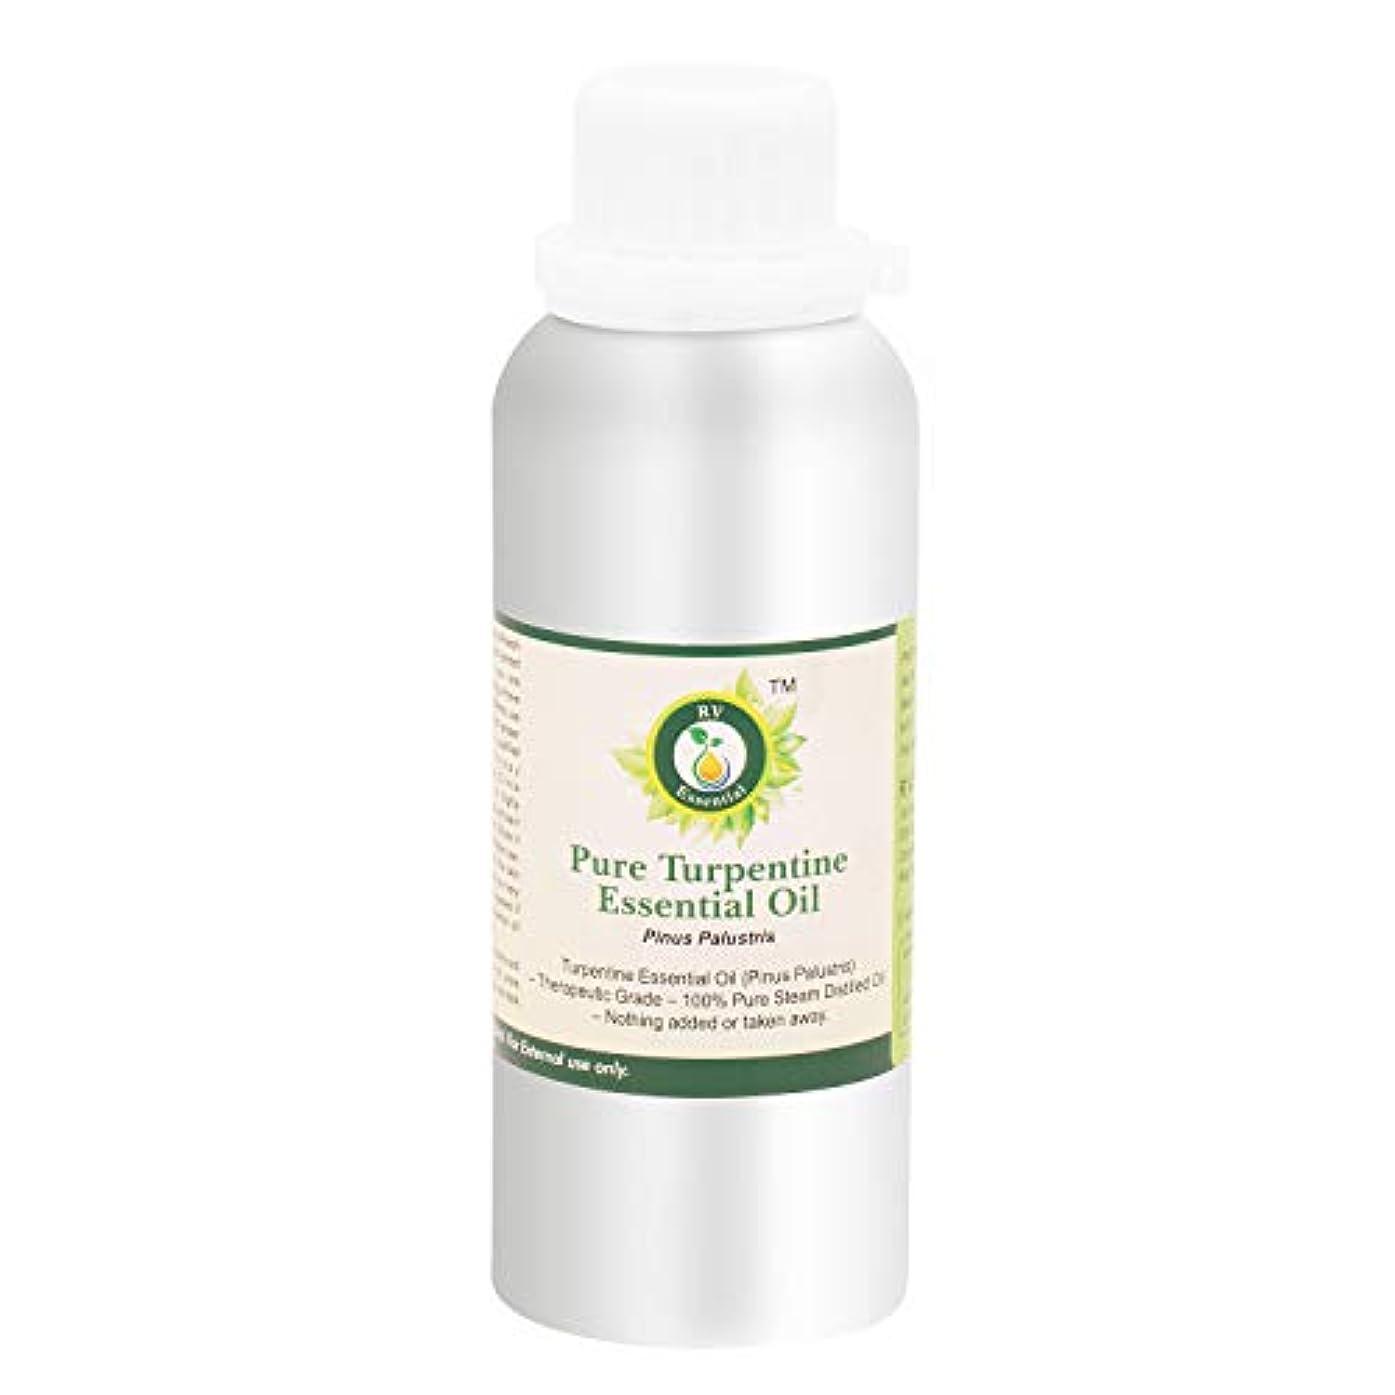 ビン空中詩人純粋なターペンタイン精油630ml (21oz)- Pinus Palustris (100%純粋&天然スチームDistilled) Pure Turpentine Essential Oil